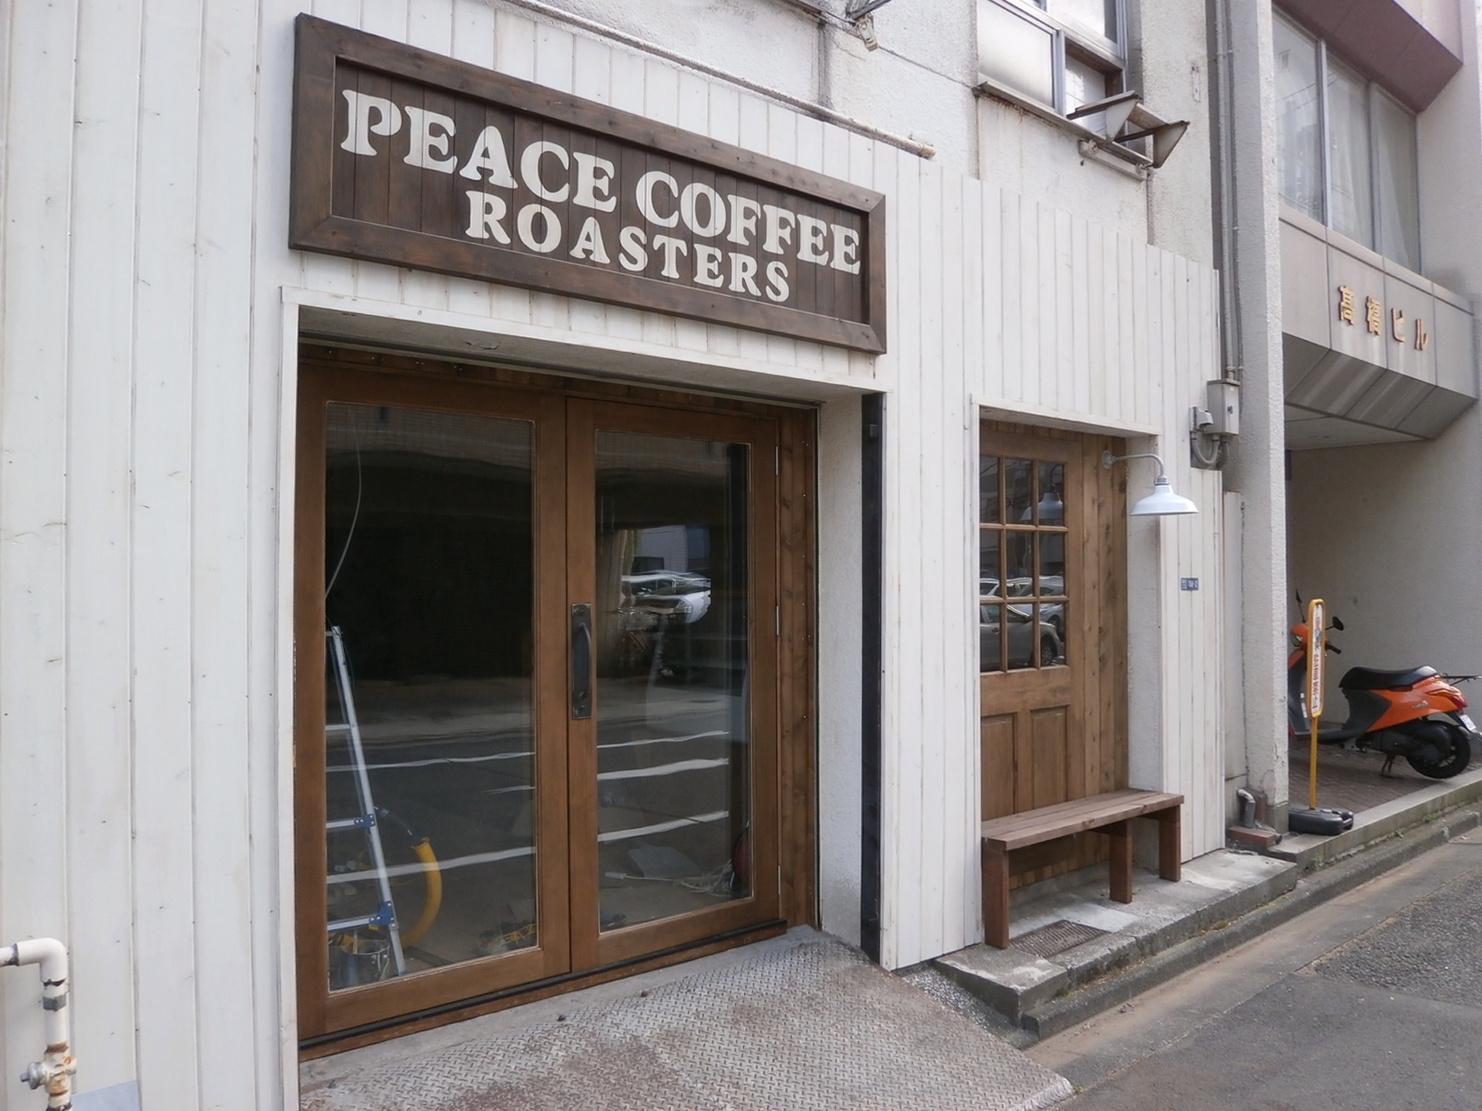 ピース コーヒーロースターズ 西新橋店